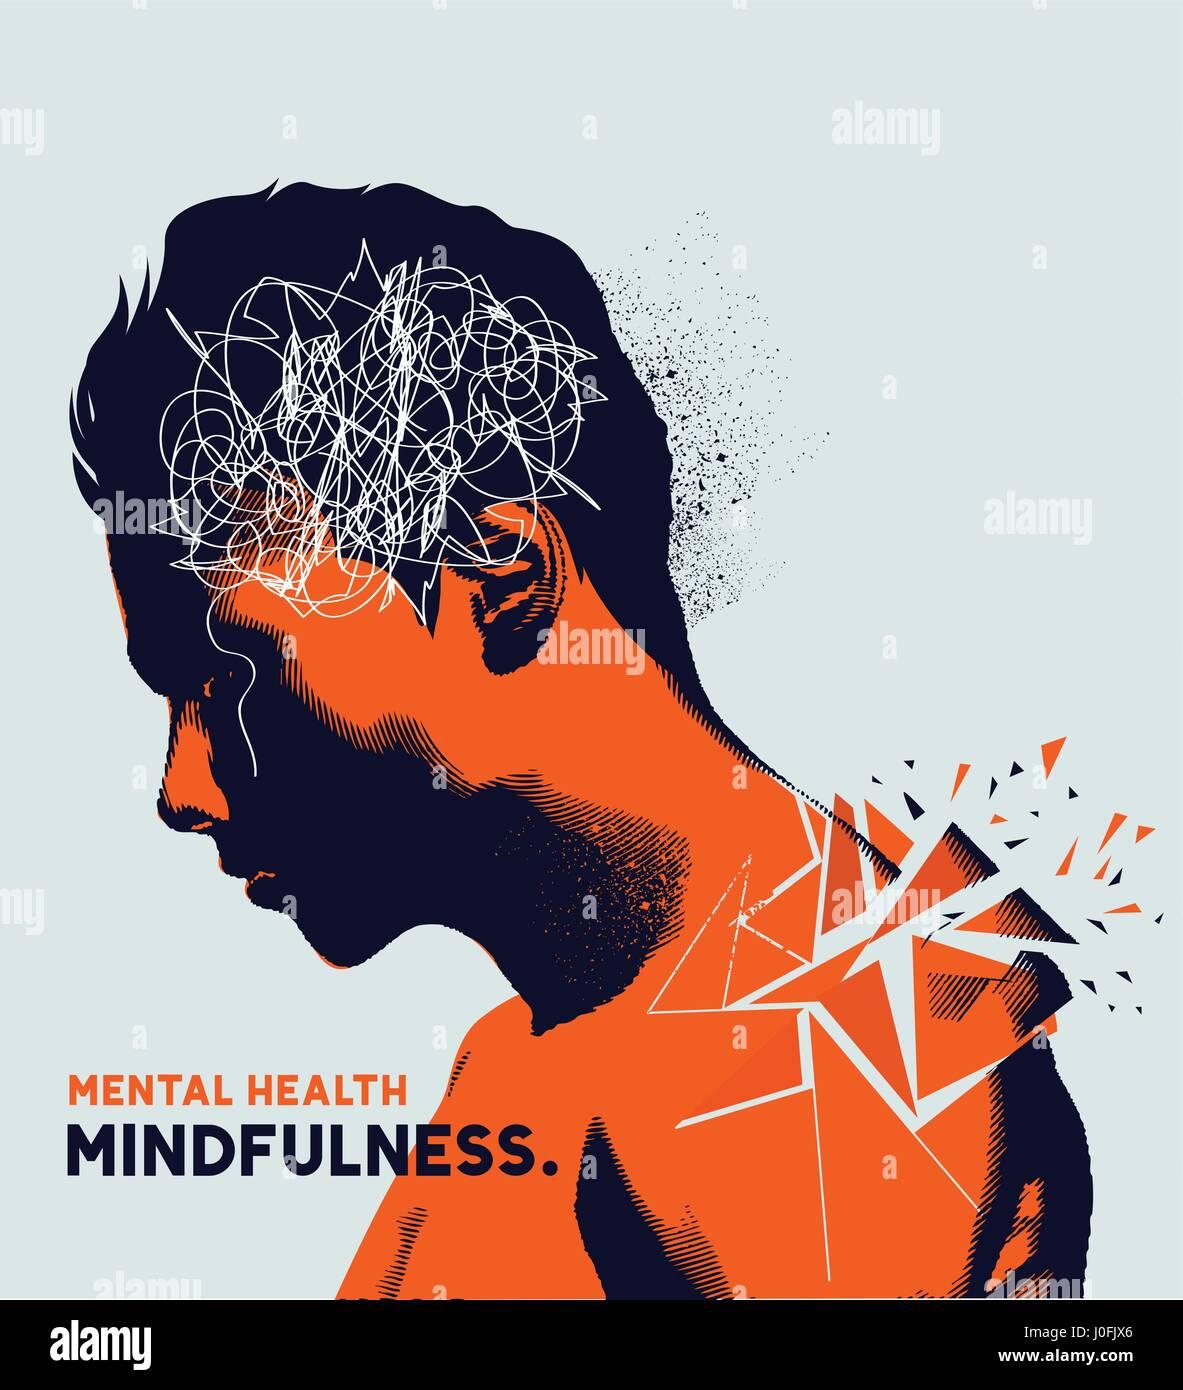 Un hombre con la cabeza baja y destrozando mostrando los problemas de salud mental. La ansiedad, la depresión Imagen De Stock